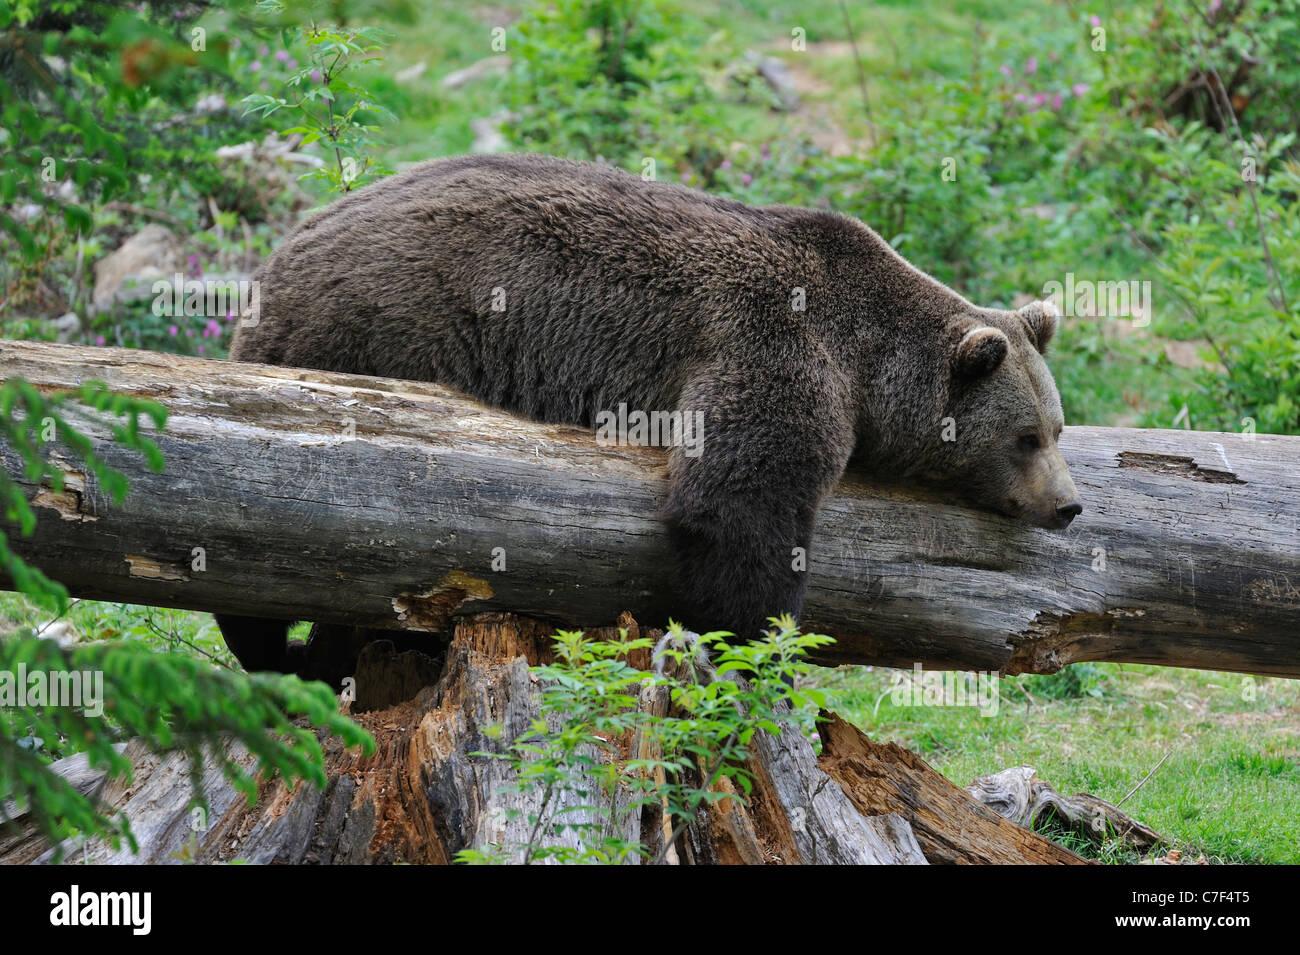 Eurasien paresseux ours brun (Ursus arctos) dormir sur tronc d'arbre tombé dans une forêt, parc national Photo Stock